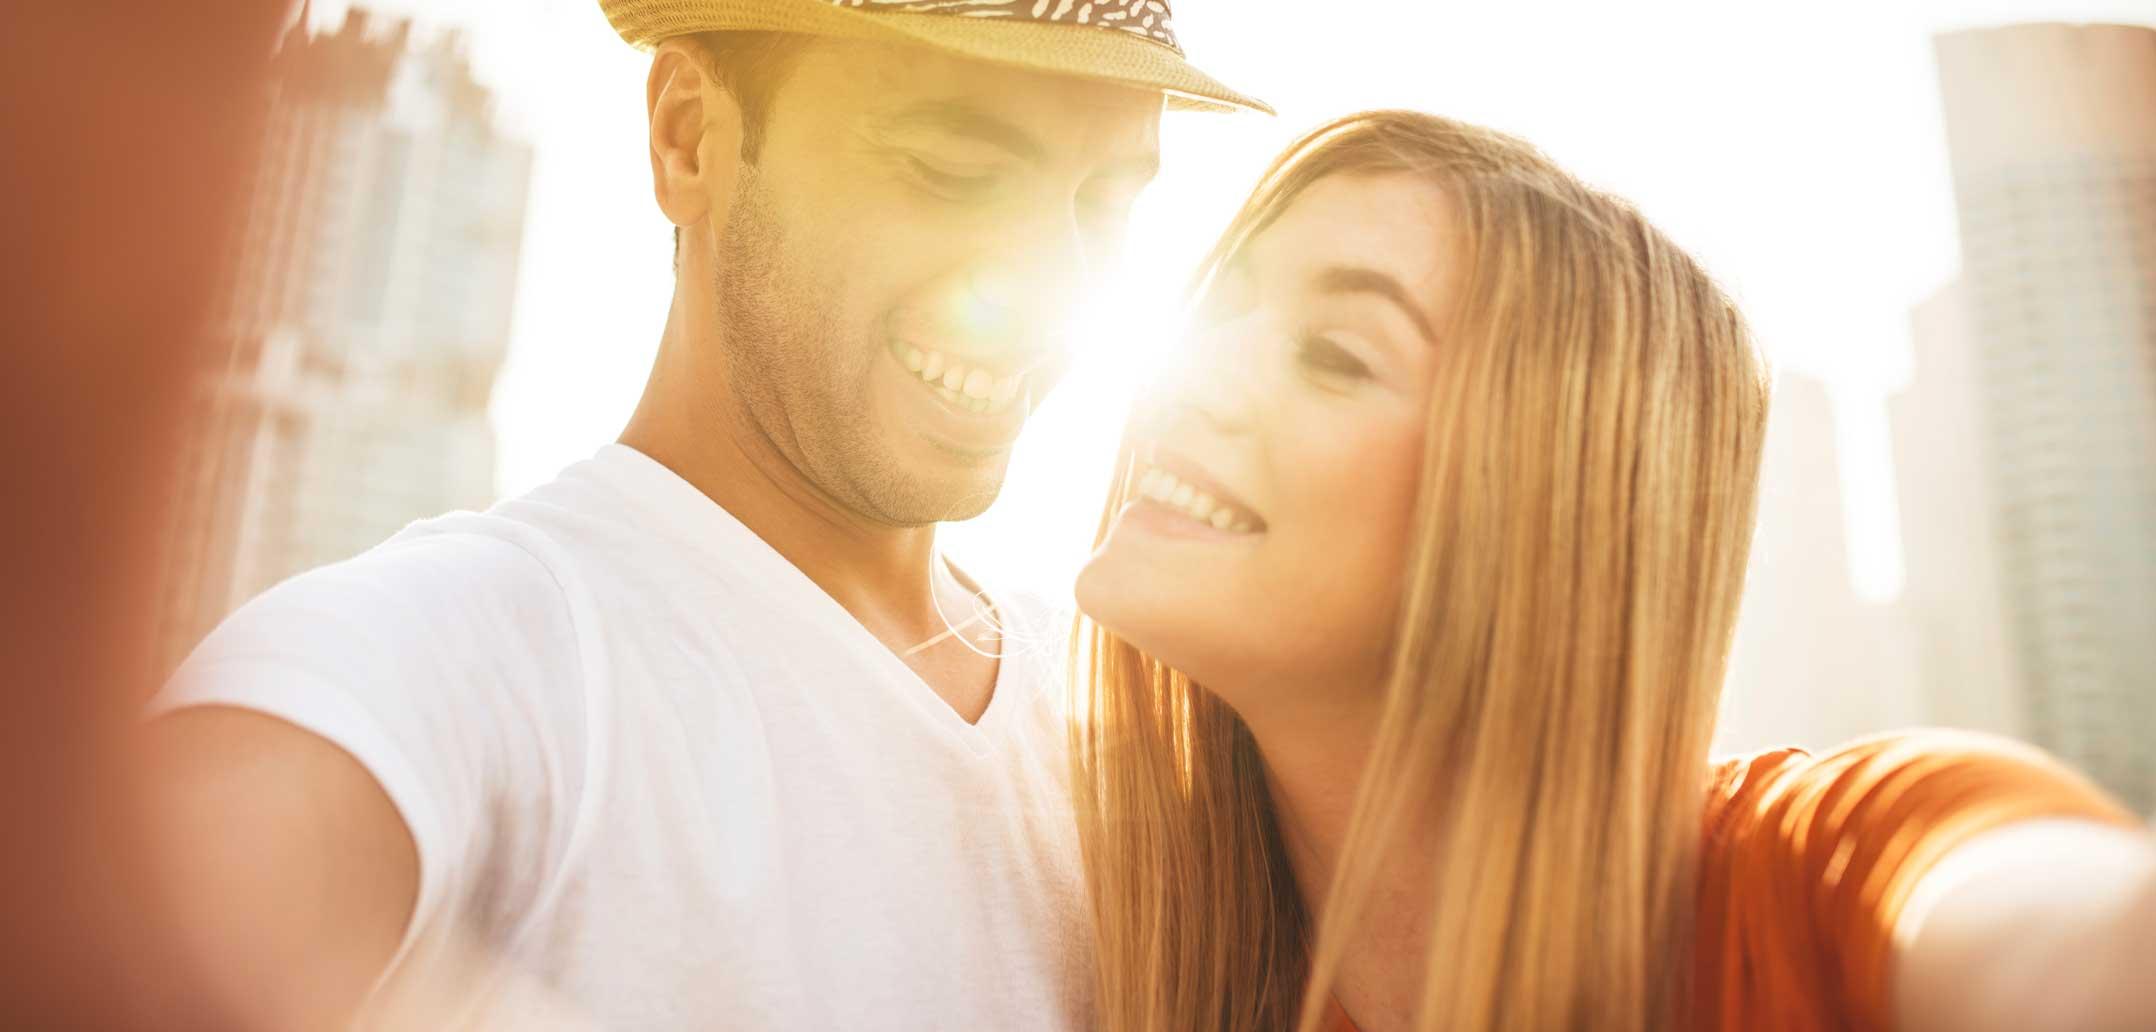 Warum Wir Uns In Den Falschen Verlieben Beziehungsweisede